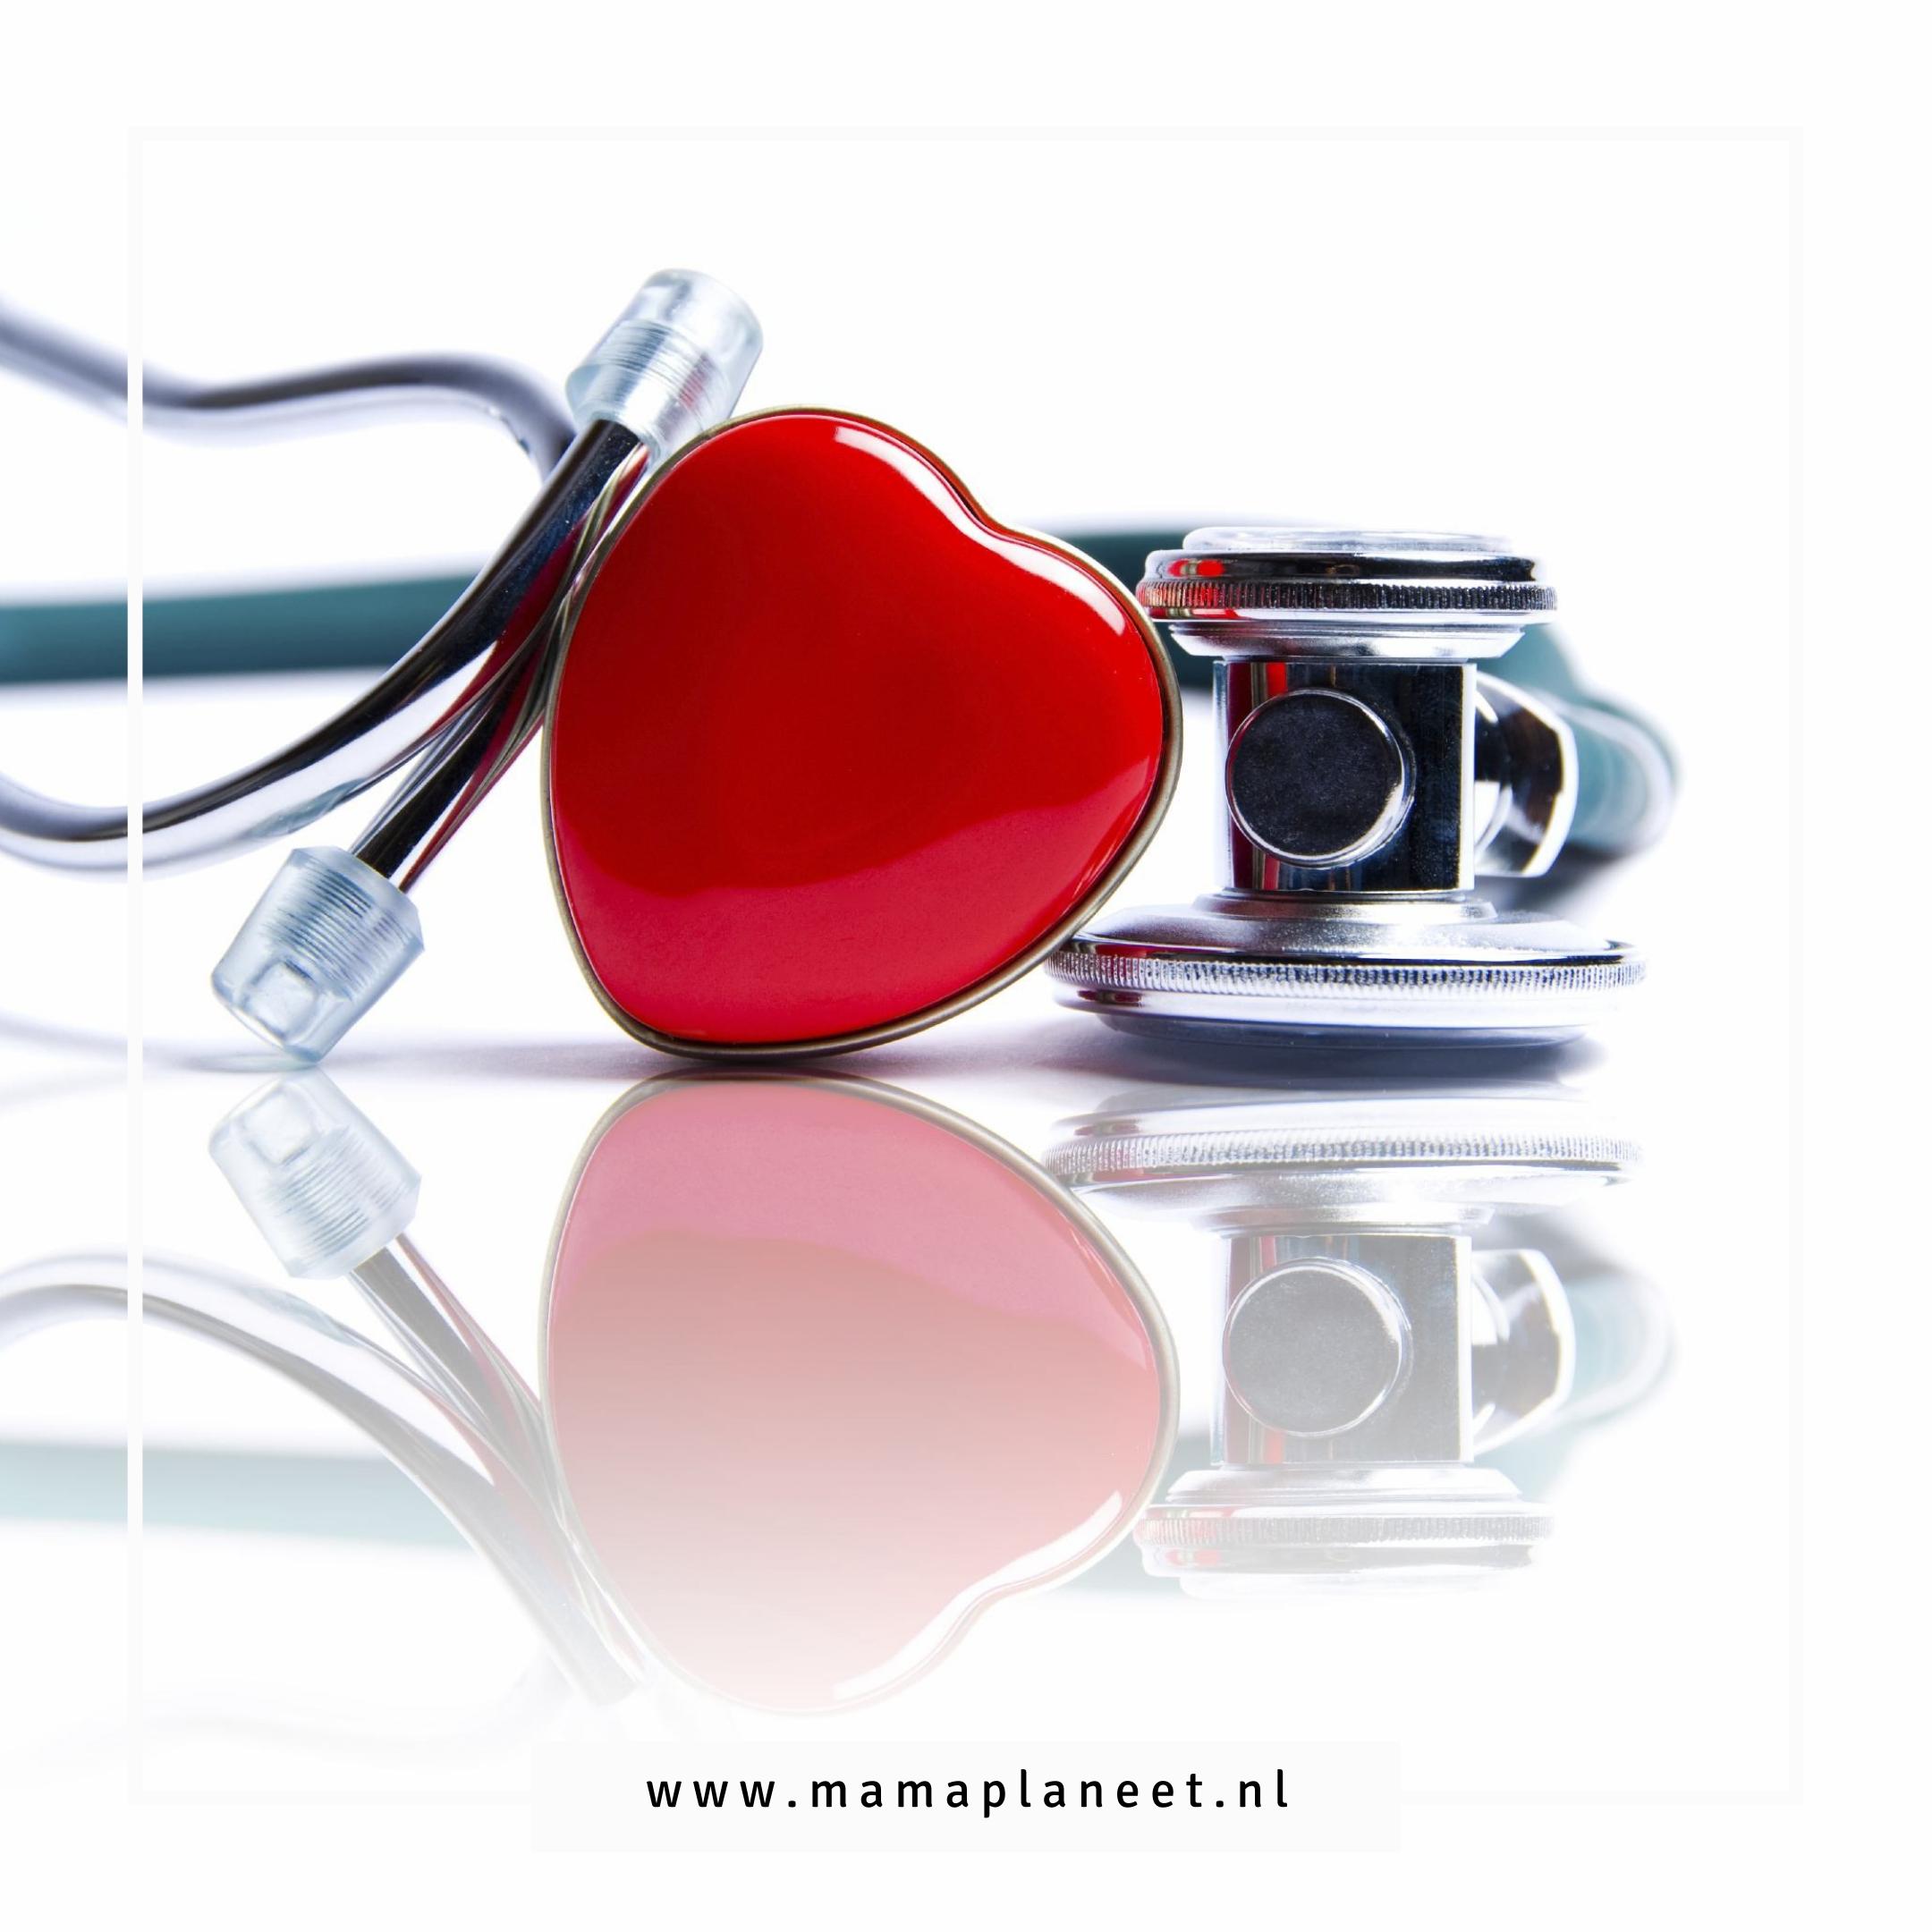 besparen op zorgverzekering nederland